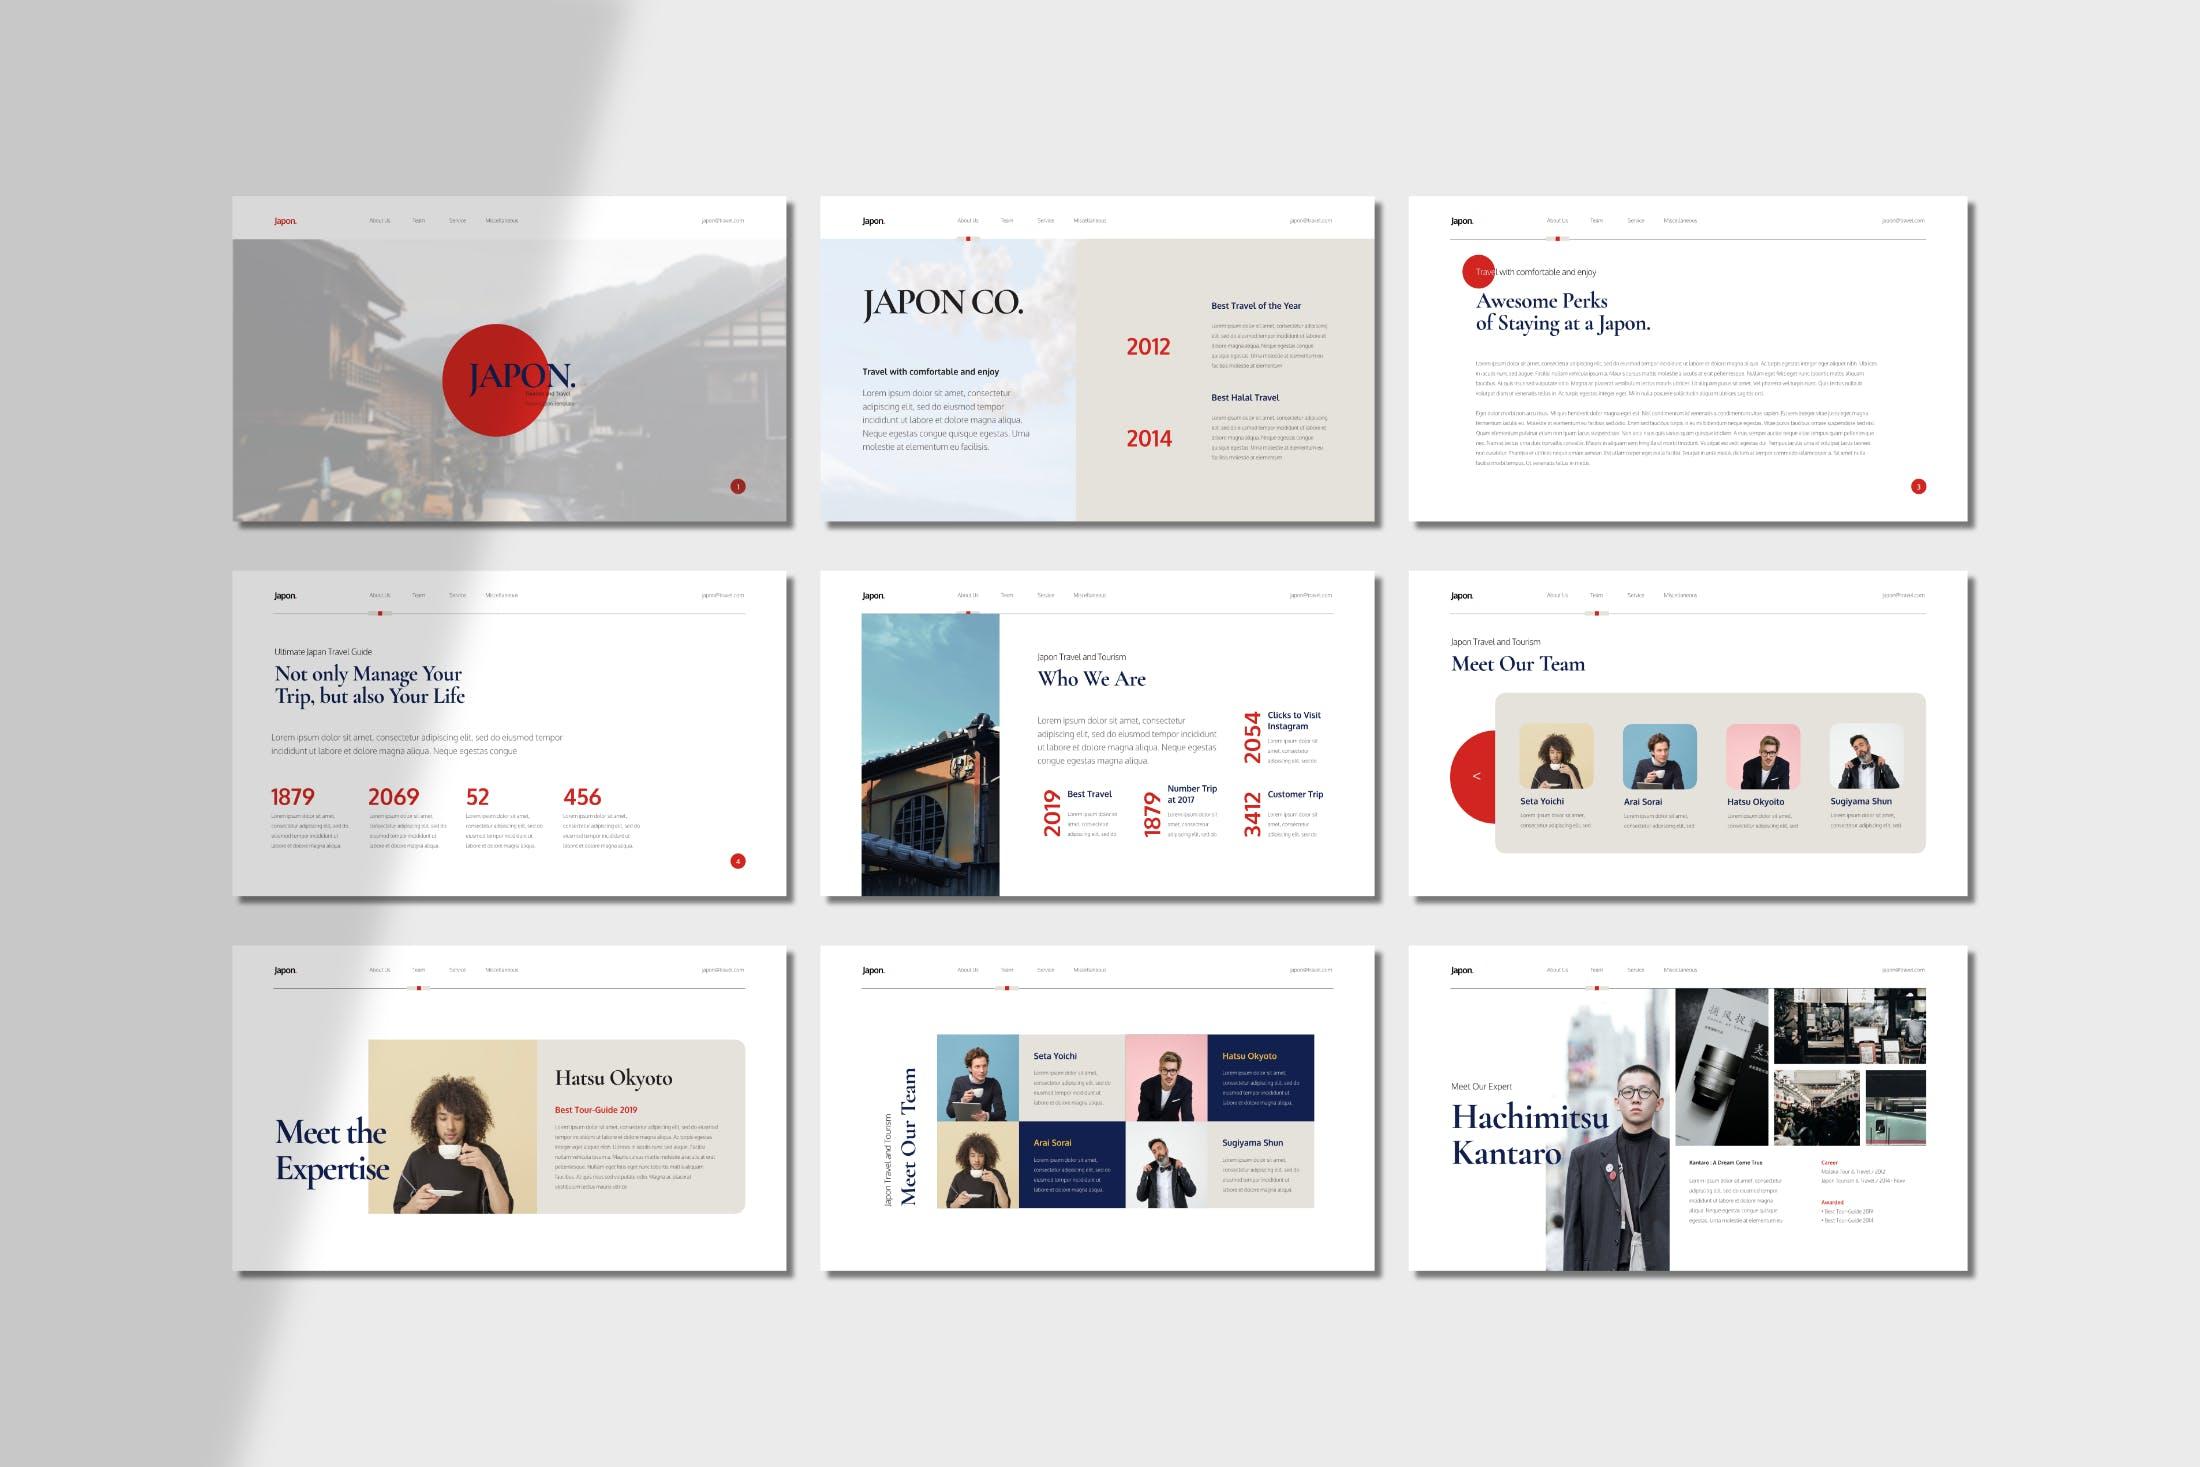 商务极简主义风格的PPT模板(PPTX)japon-presentation-powerpoint-TEUHCZ